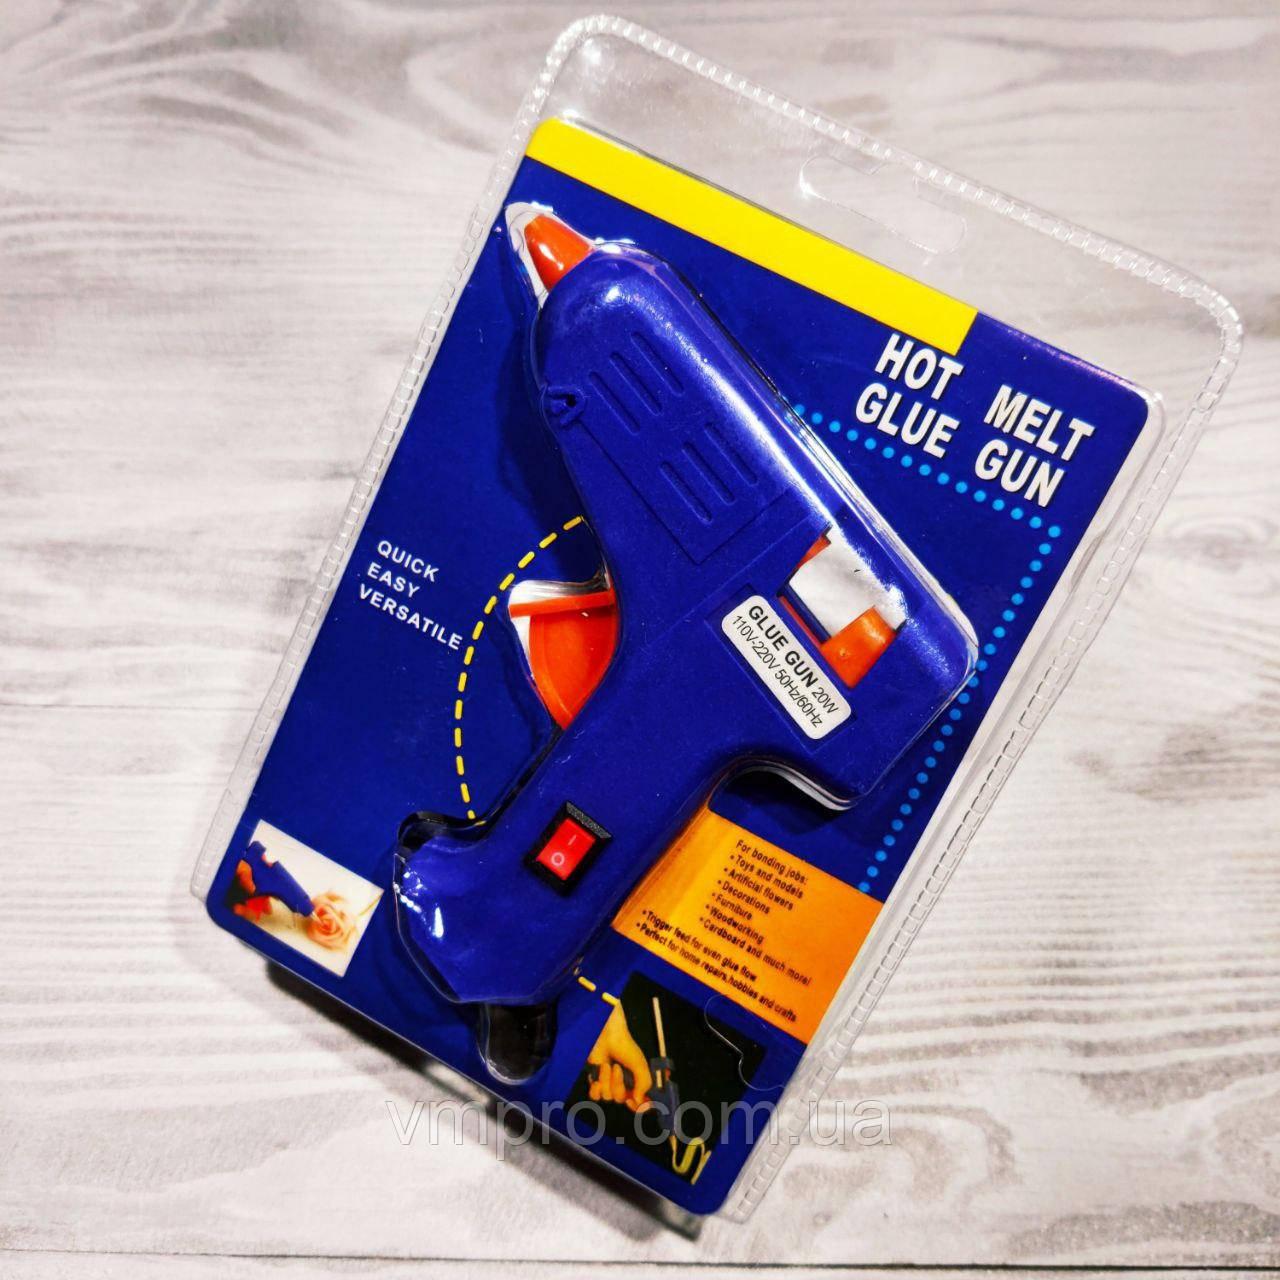 Пістолет клейовий,20W під стрижні 7 mm, №20B-2, термопістолет для рукоділля, пістолет термоклеевой